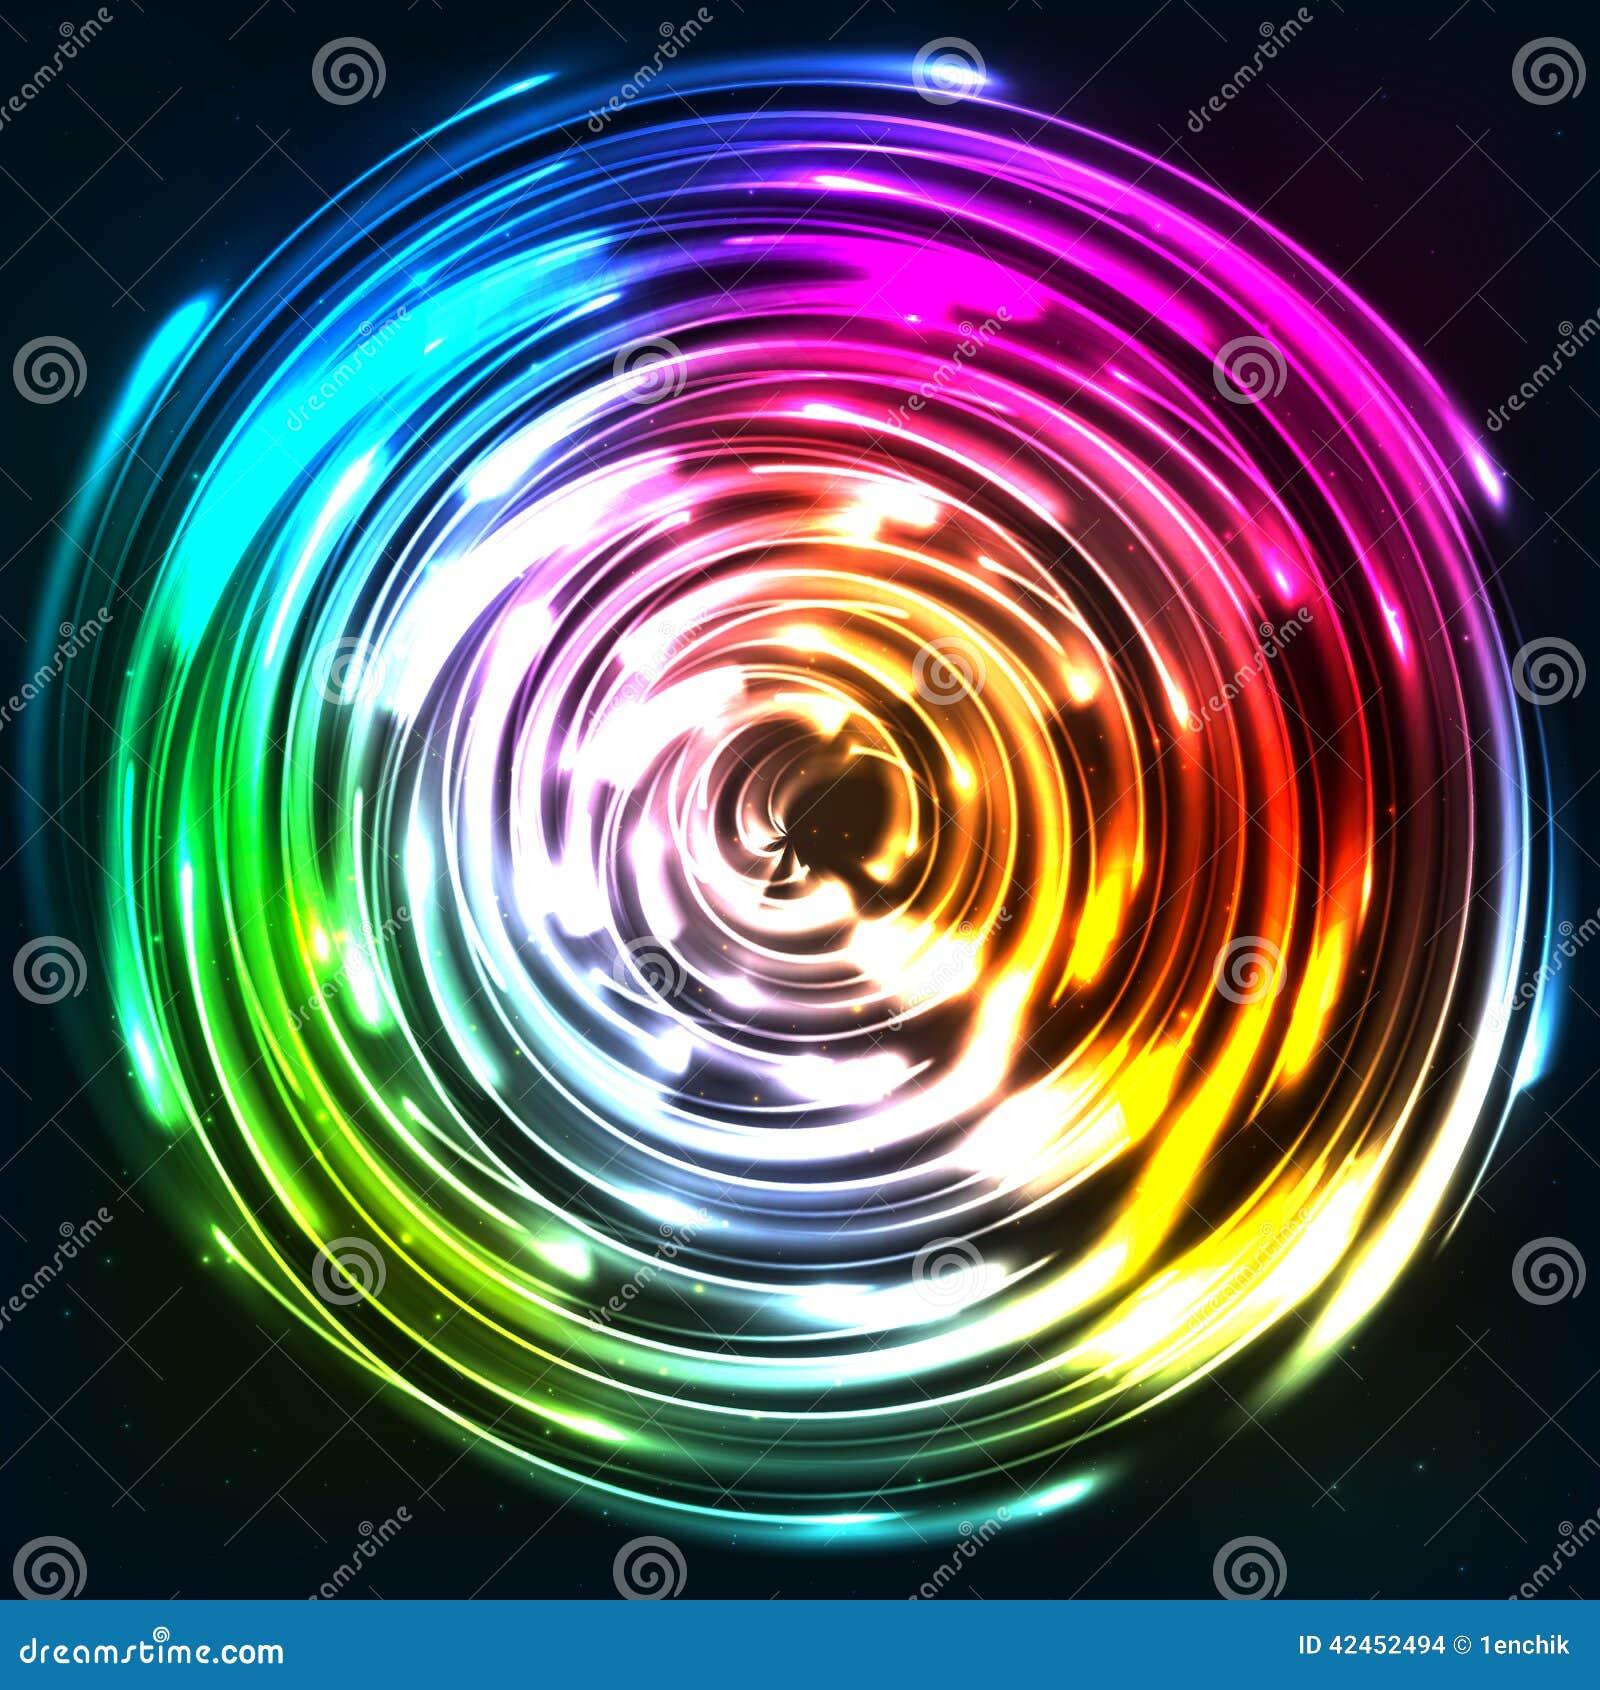 Image gallery imagenes de luces - Luces de neon ...